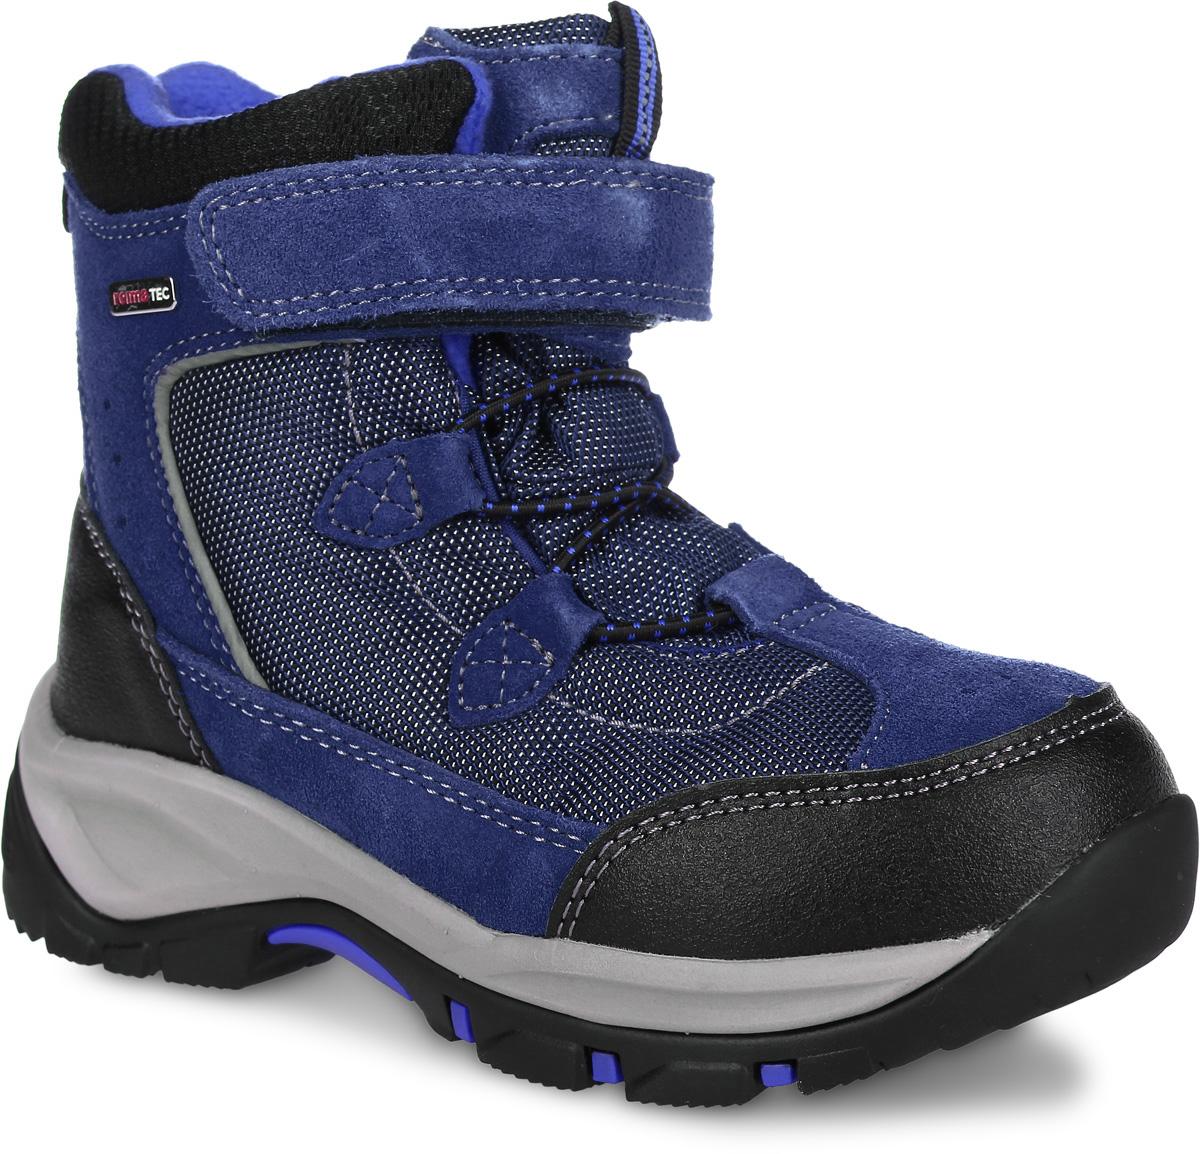 569290-4900Эти невероятно прочные ботинки Reimatec очень легко надевать и регулировать благодаря эластичным шнуркам и застежке на липучке. Модель средней степени утепления содержит светоотражающие детали. В них дети могут бегать и прыгать по слякоти и снегу и гарантированно останутся сухими - за счет водонепроницаемой конструкции и подкладки с запаянными швами. Верх этих суперботинок изготовлен из текстиля, кожи и телячьей замши. Ботинки подшиты подкладкой из теплого и мягкого искусственного меха, который надежно защищает от холода. Гибкая и легкая подошва Reima из ЭВА/резины обеспечивает прочное сцепление с различными поверхностями, а благодаря теплым съемным стелькам из войлока с рисунком Happy Fit легко подобрать правильный размер или измерить растущую ножку ребенка.